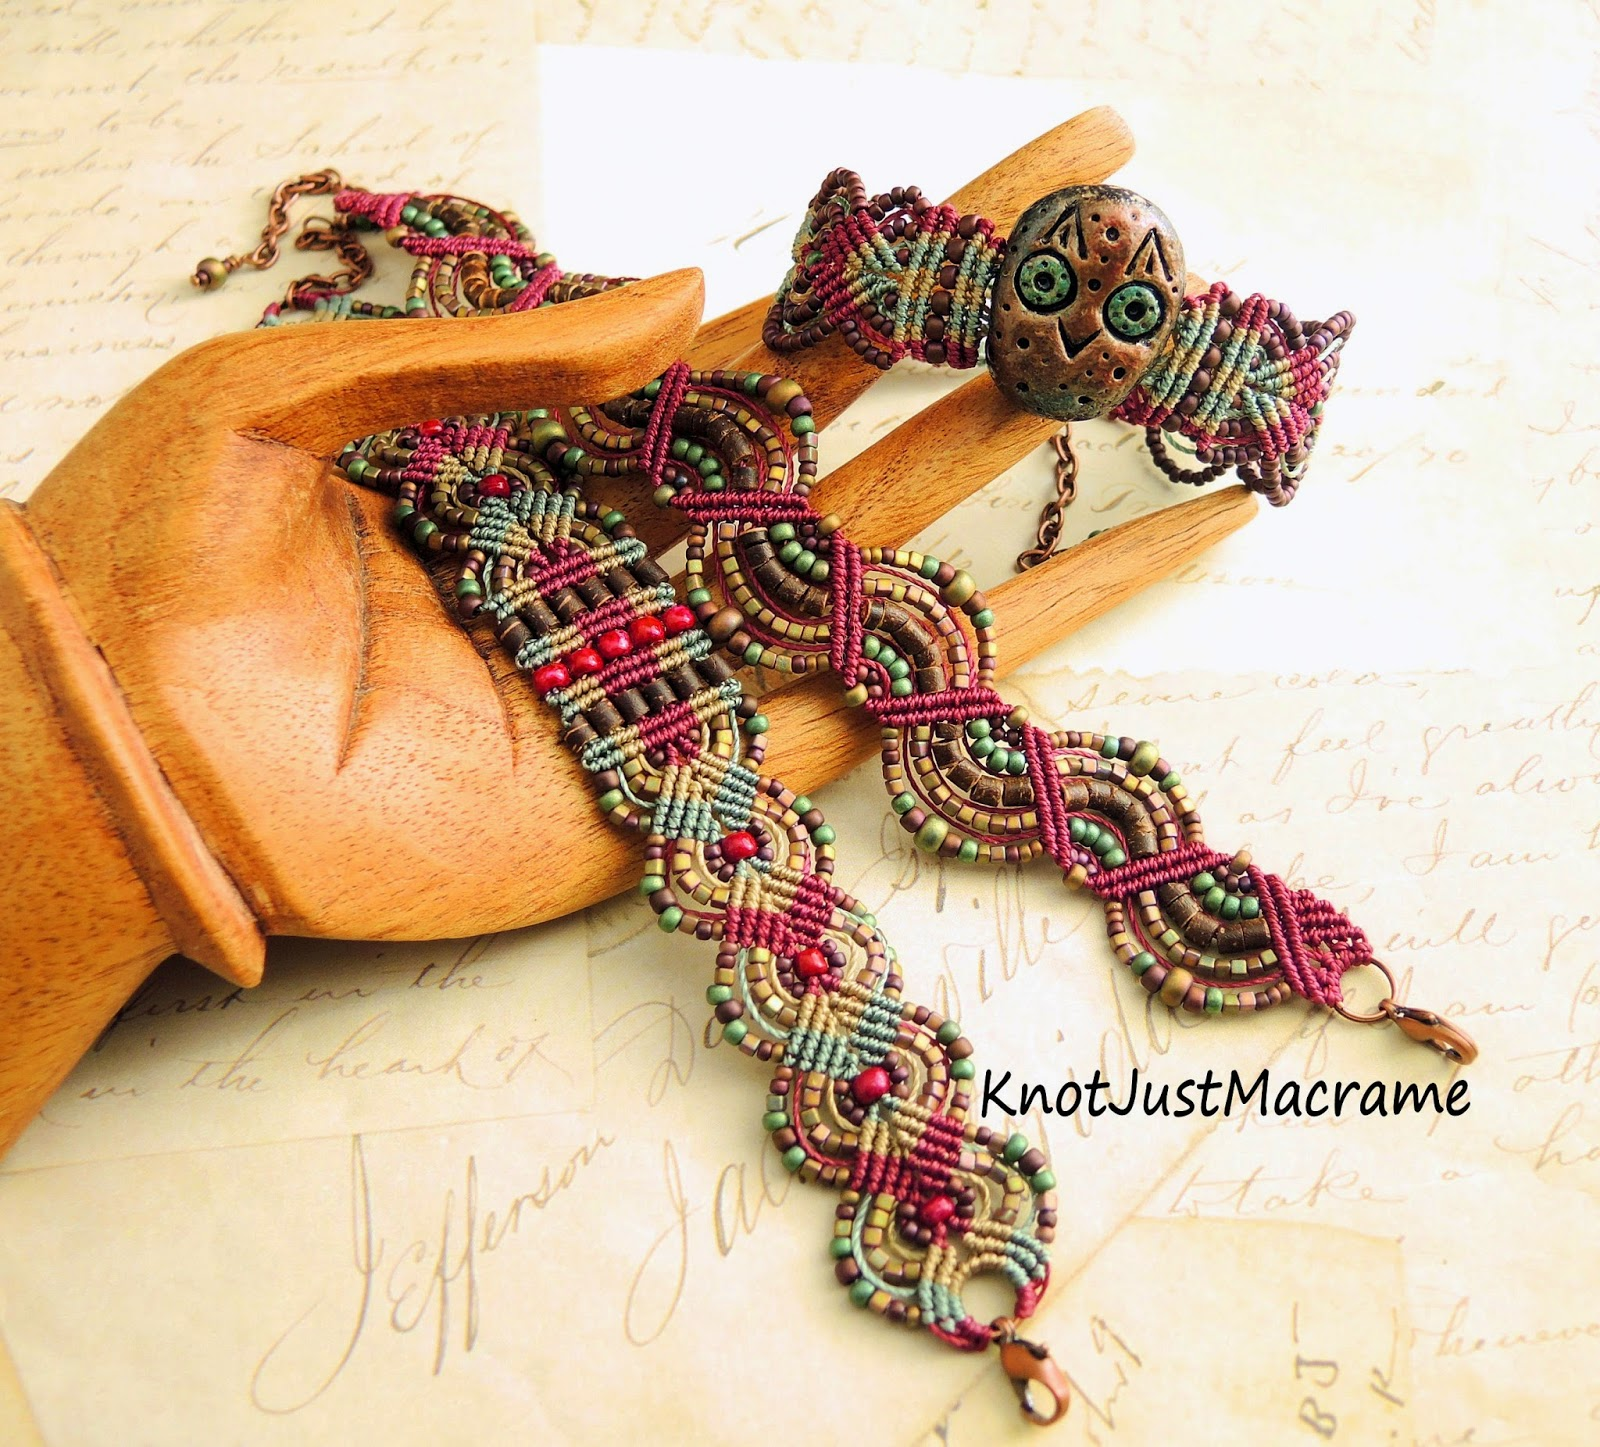 Micro macrame bracelets by Knot Just Macrame.